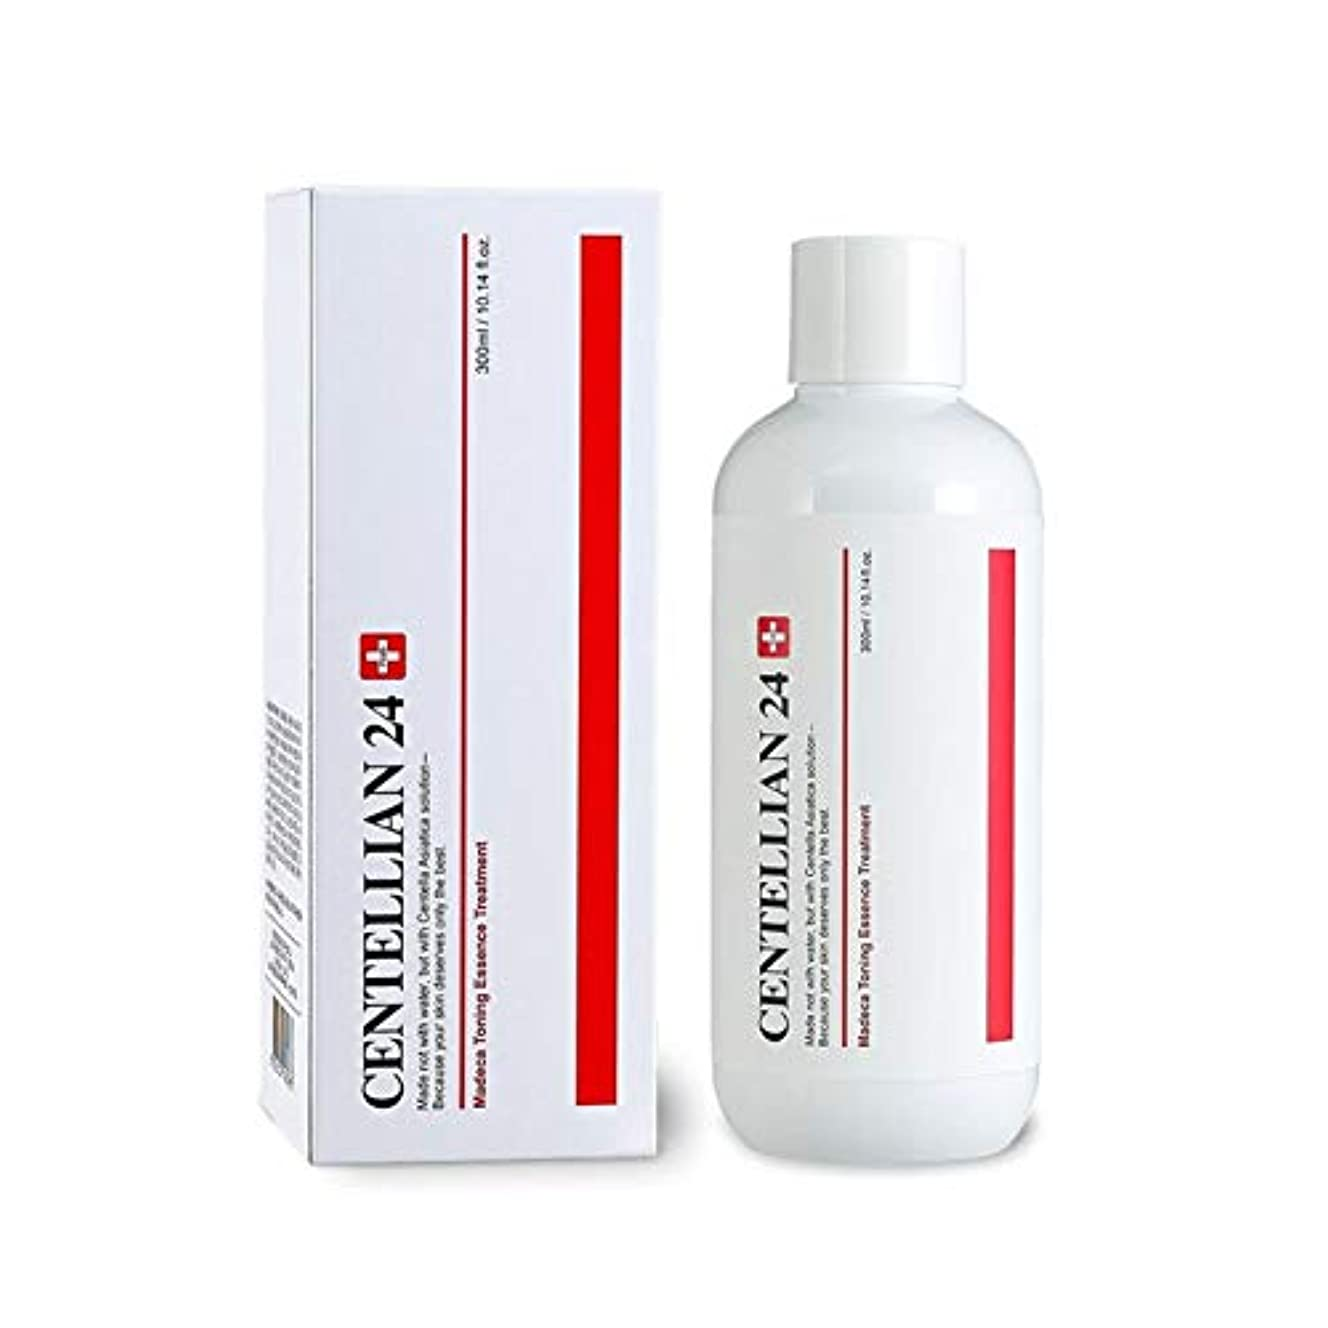 常習的権限とんでもないセンテルリアン24マデカトーニングエッセンストリートメント300ml東国韓国コスメ、Centellian24 Madeca Toning Essence Treatment 300ml Dongkook Korean Cosmetics...